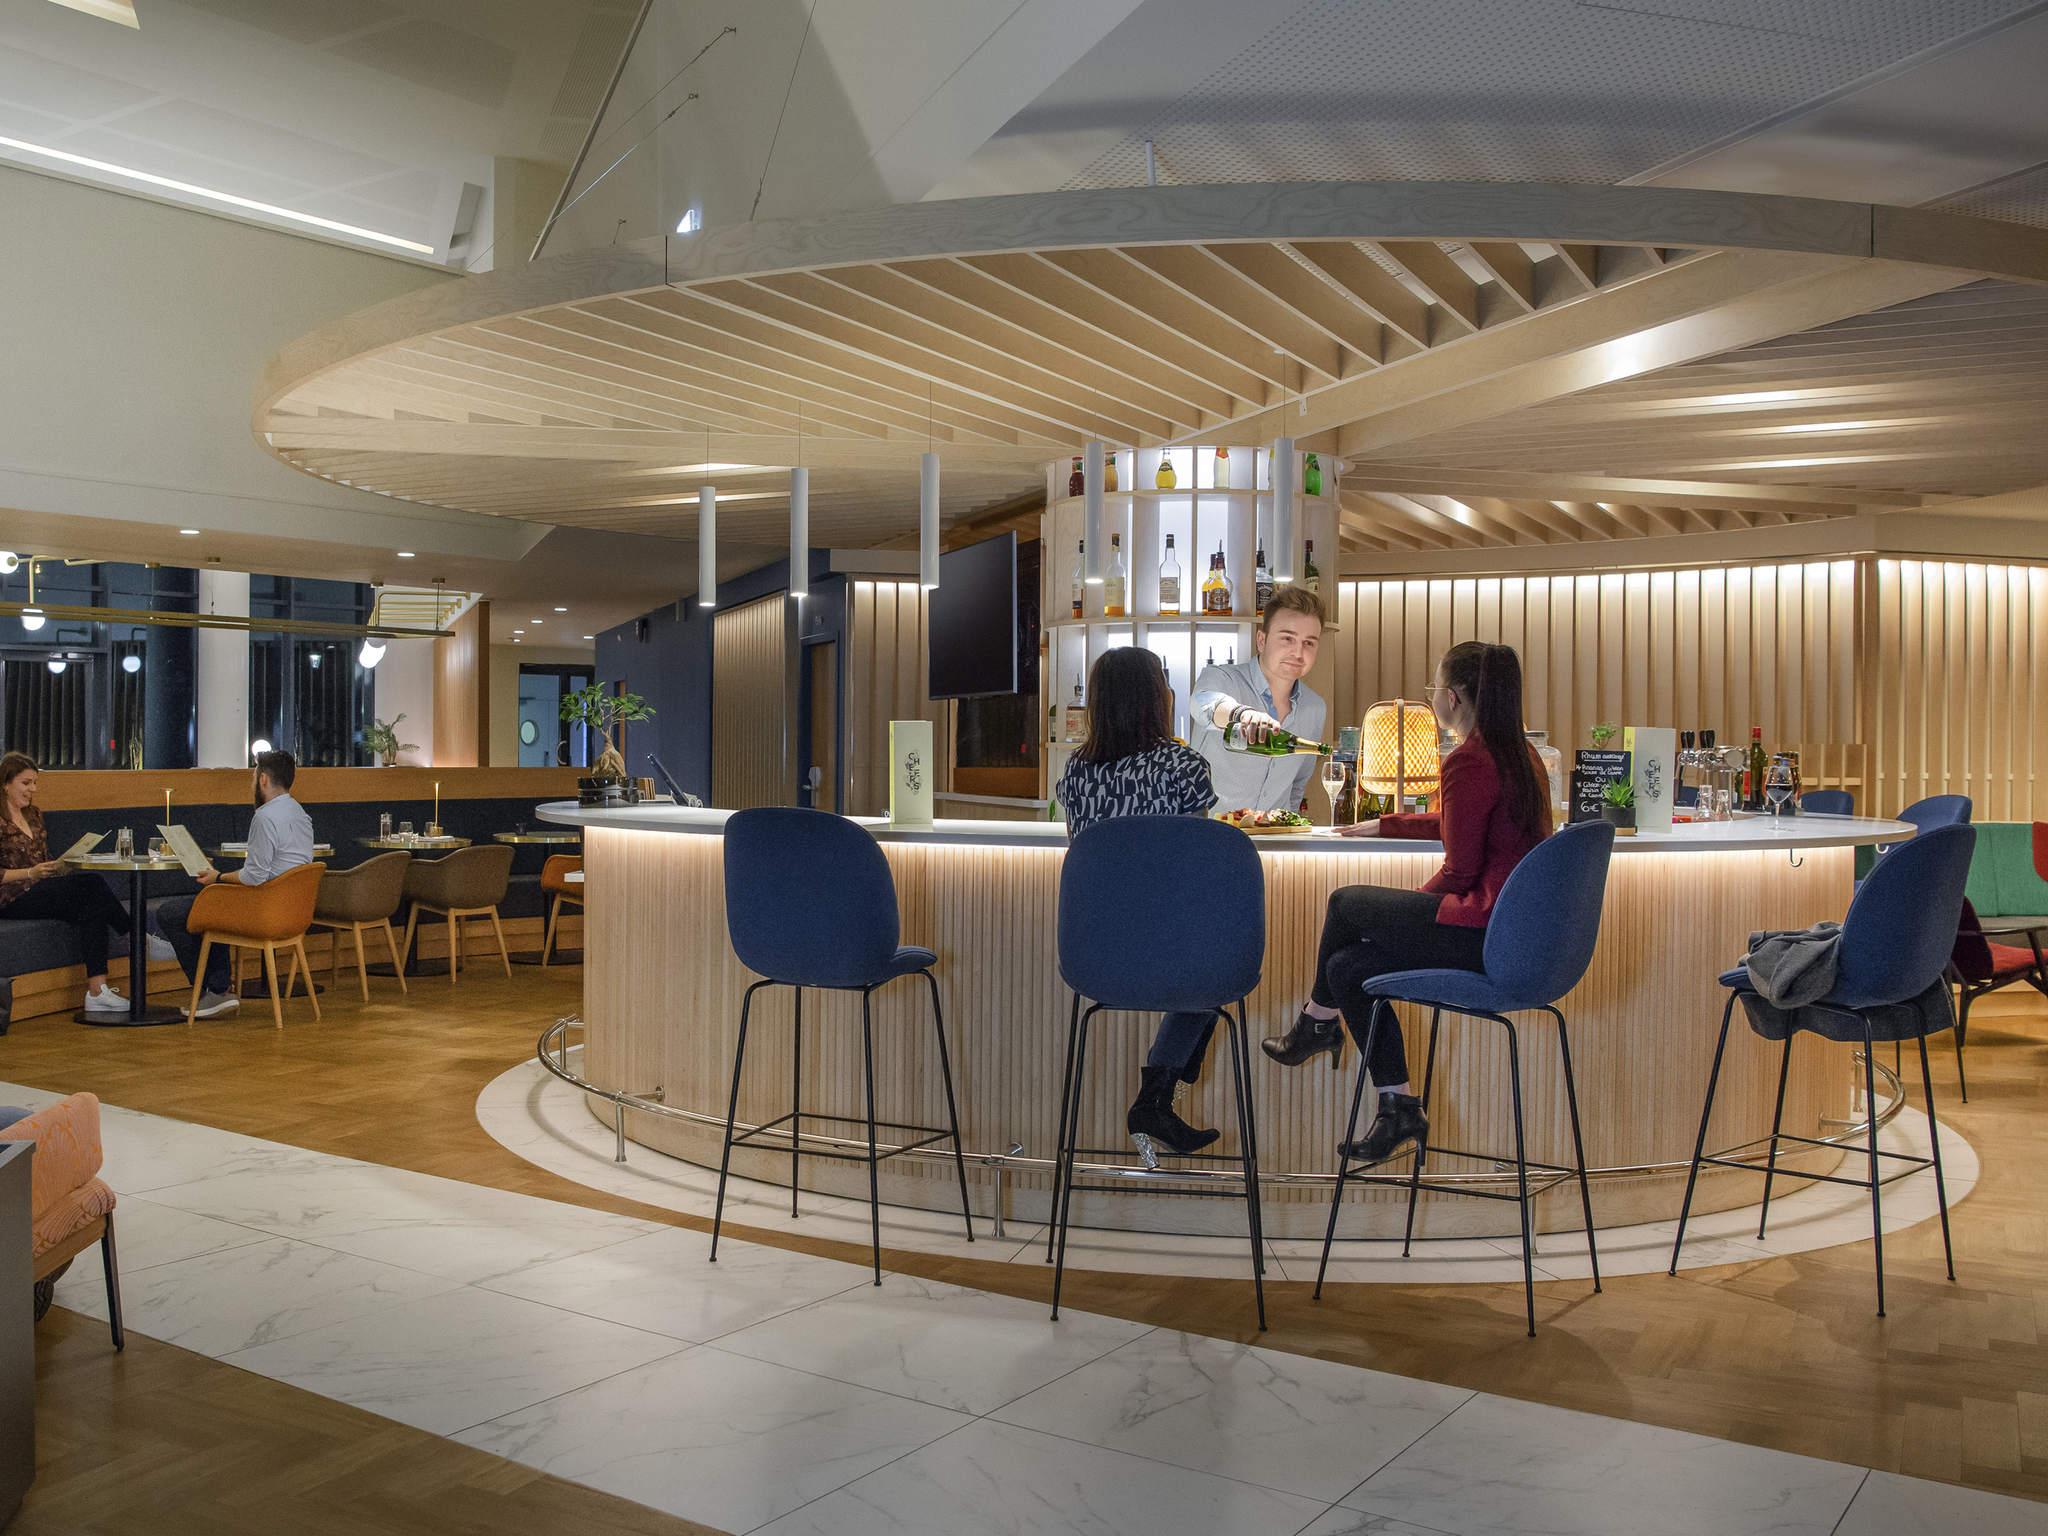 فندق - Novotel Le Havre Centre Gare